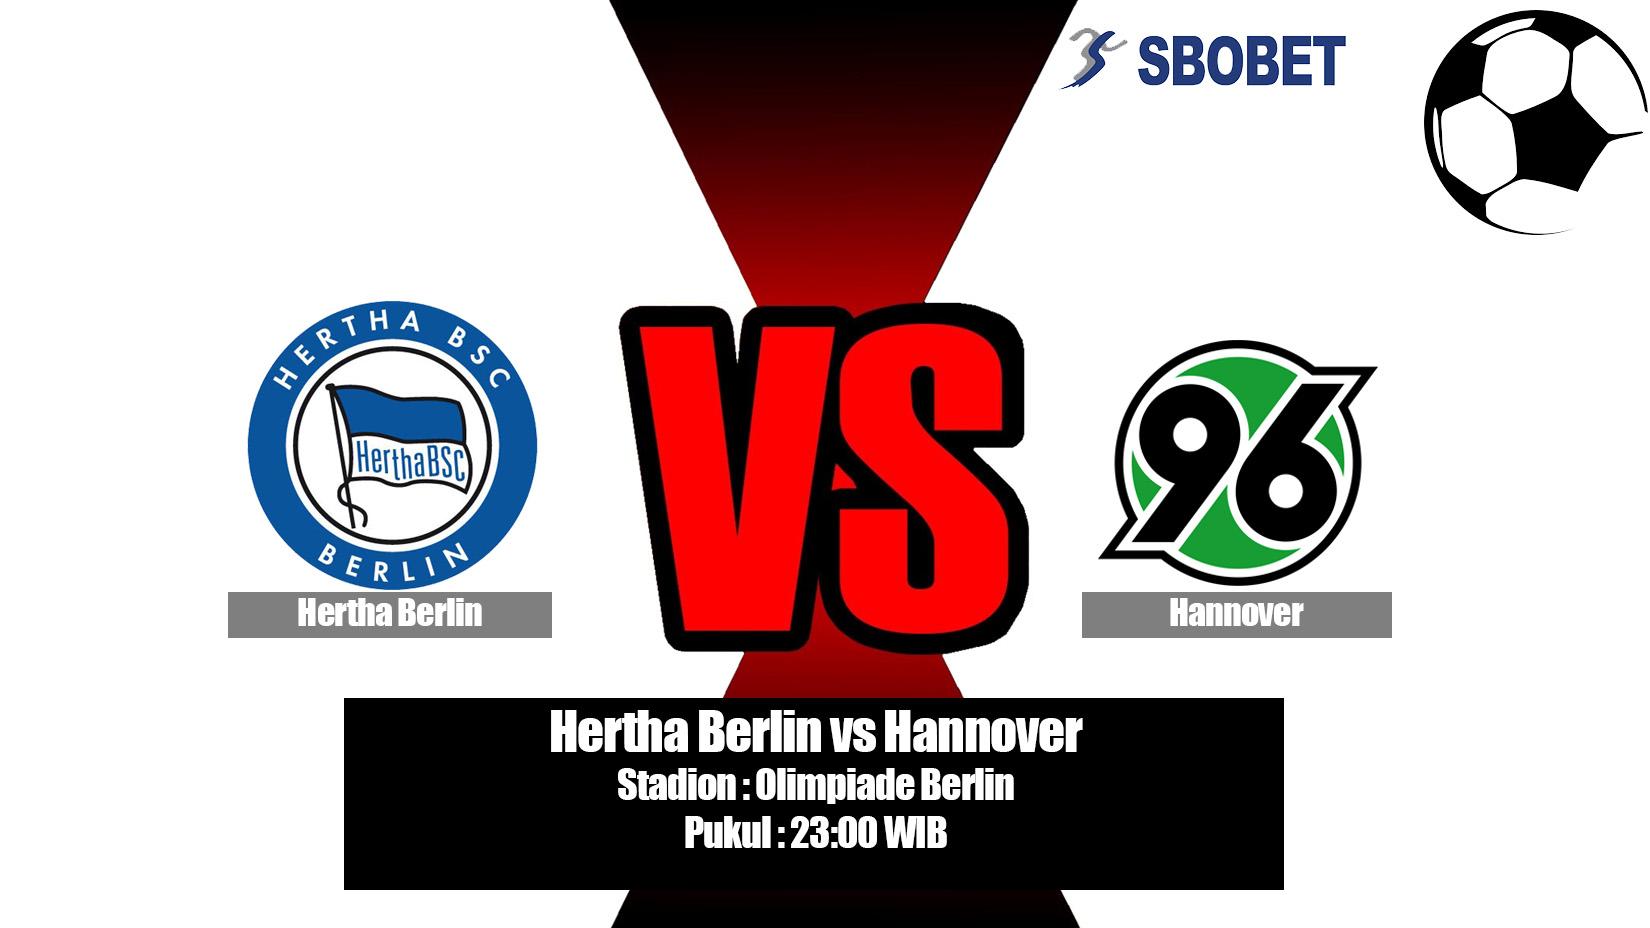 Prediksi Bola Hertha Berlin vs Hannover 21 April 2019